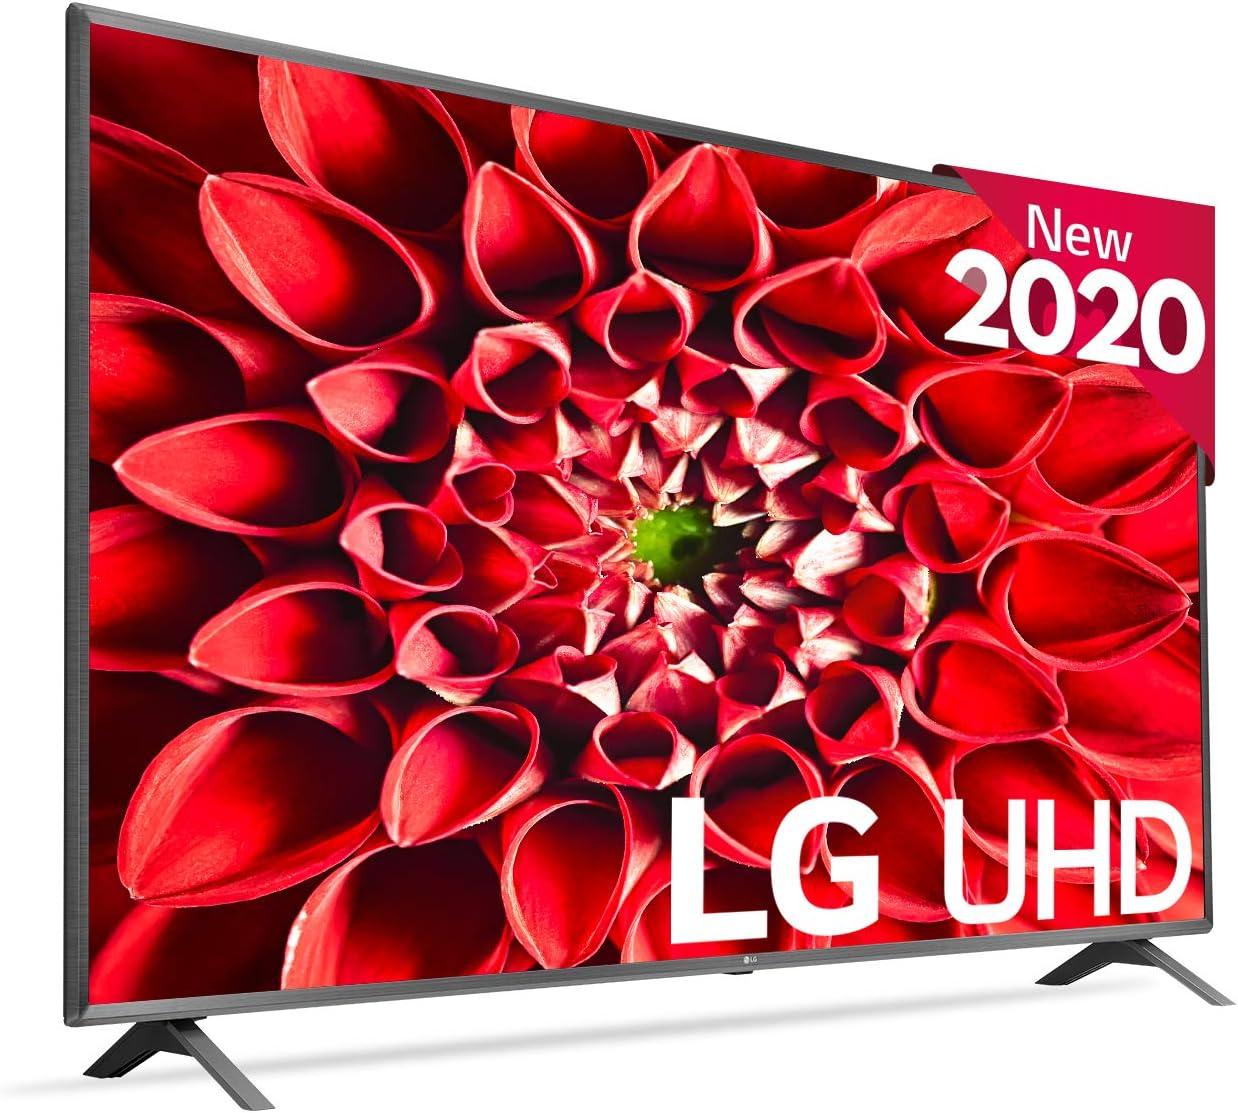 LG 75UN85006LA - Smart TV 4K